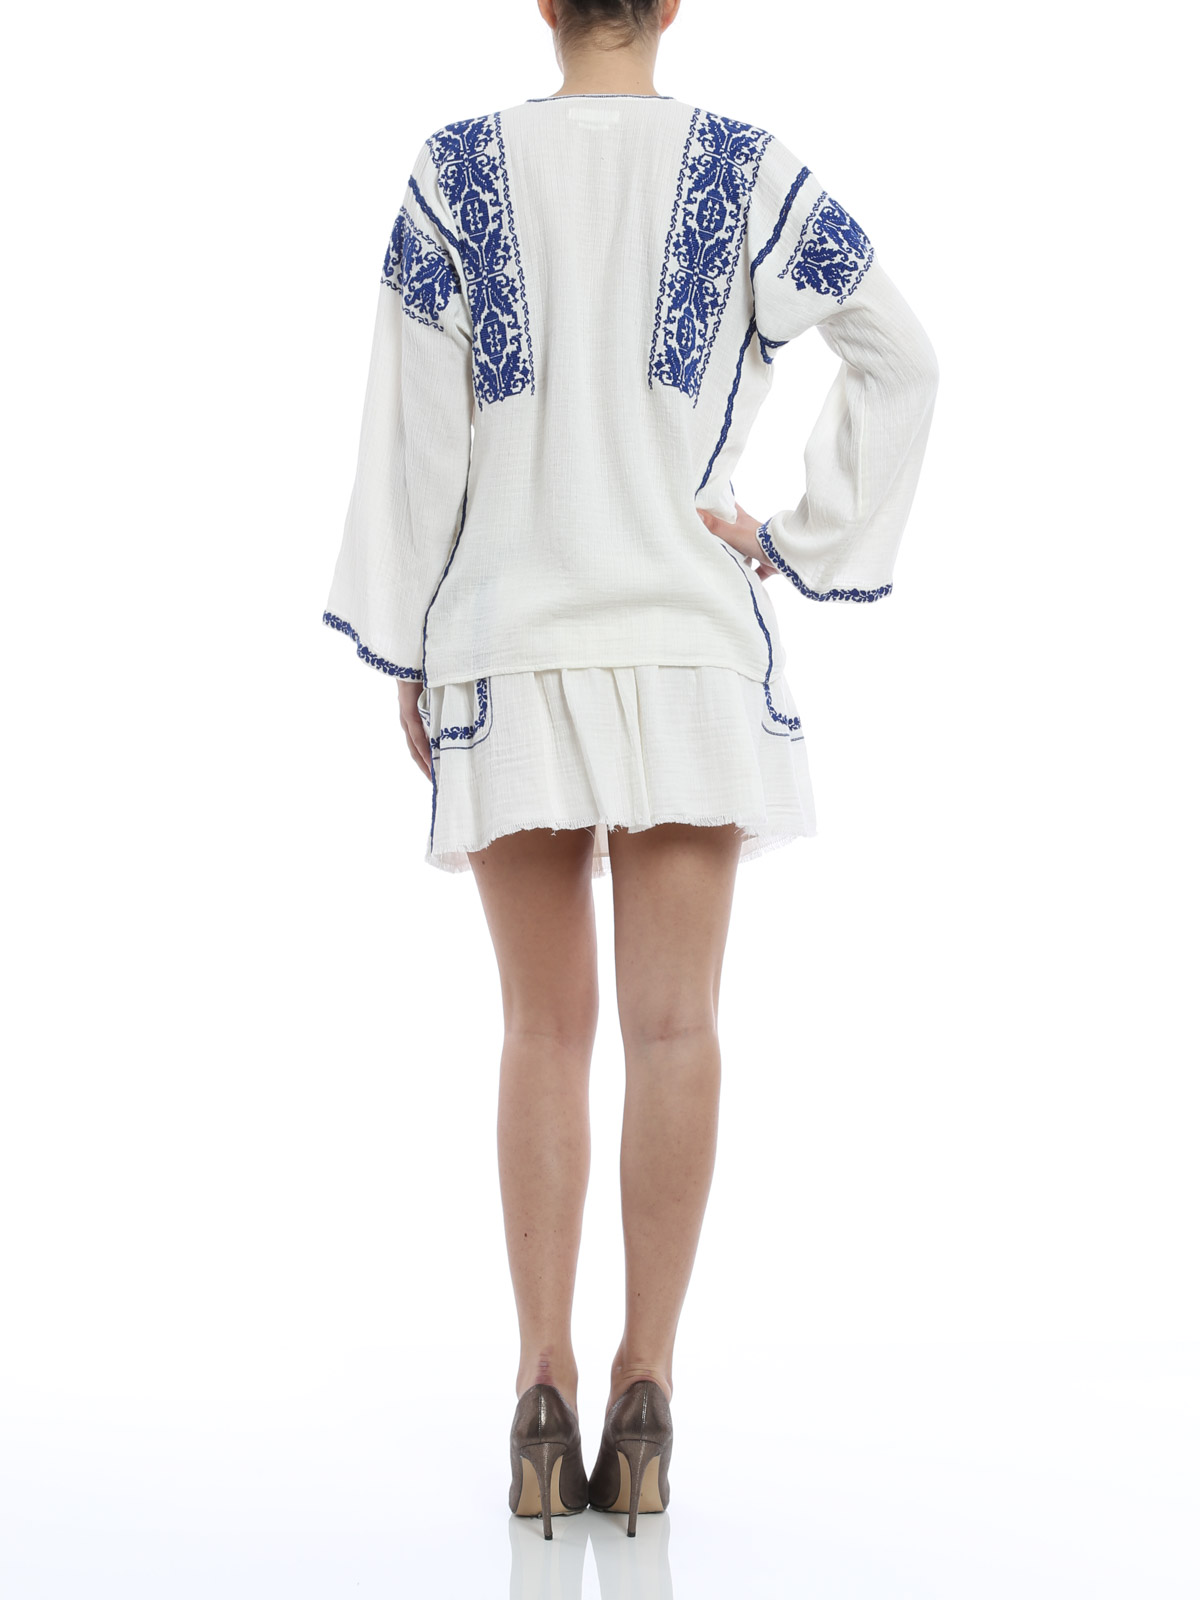 Vince blouse shop online: isabel marant etoile